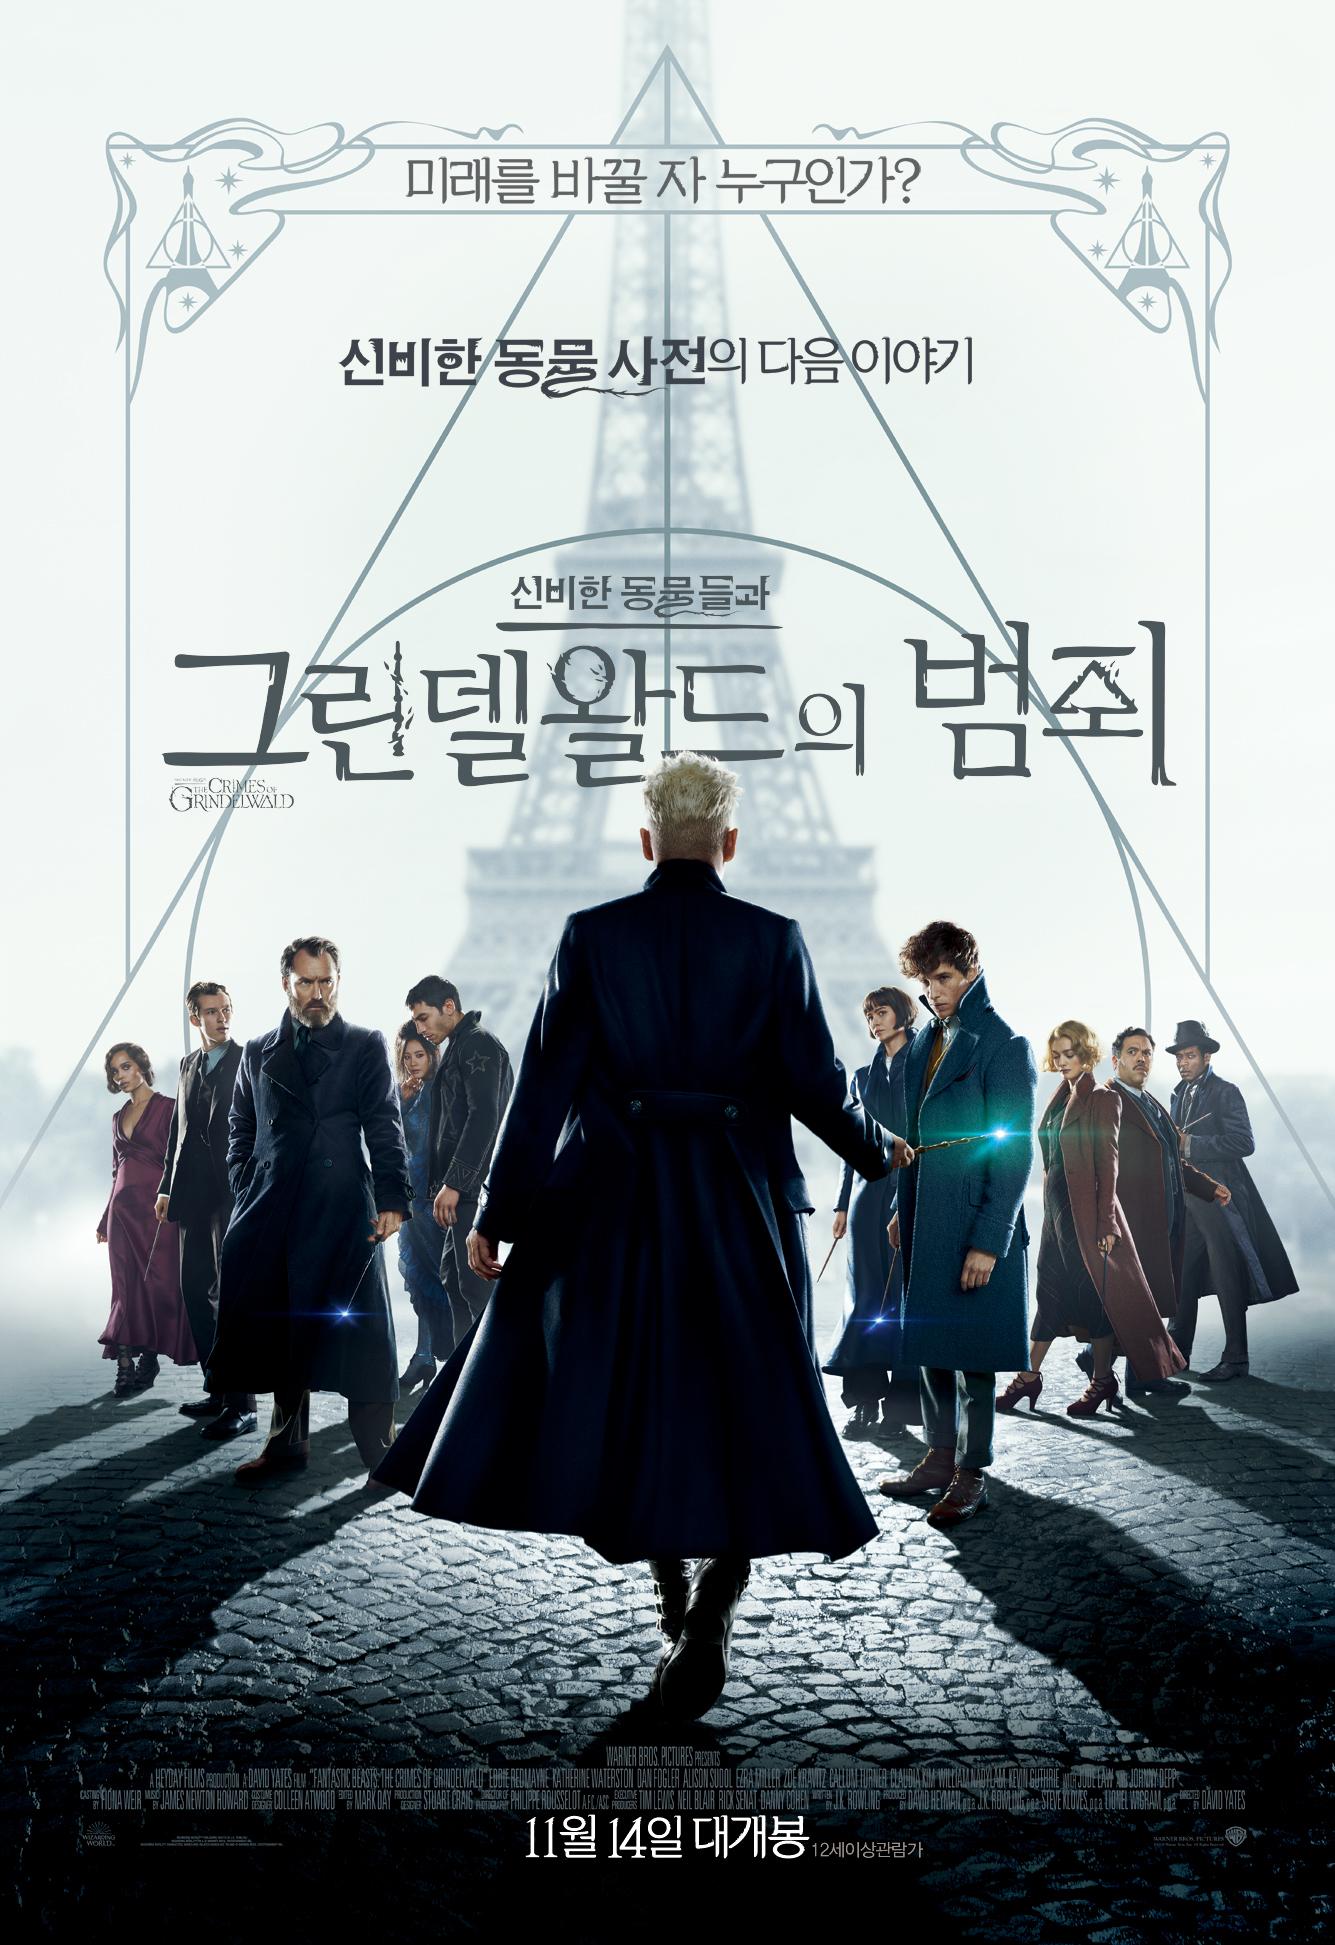 <신비한 동물들과 그린델왈드의 범죄> 계속된 서론